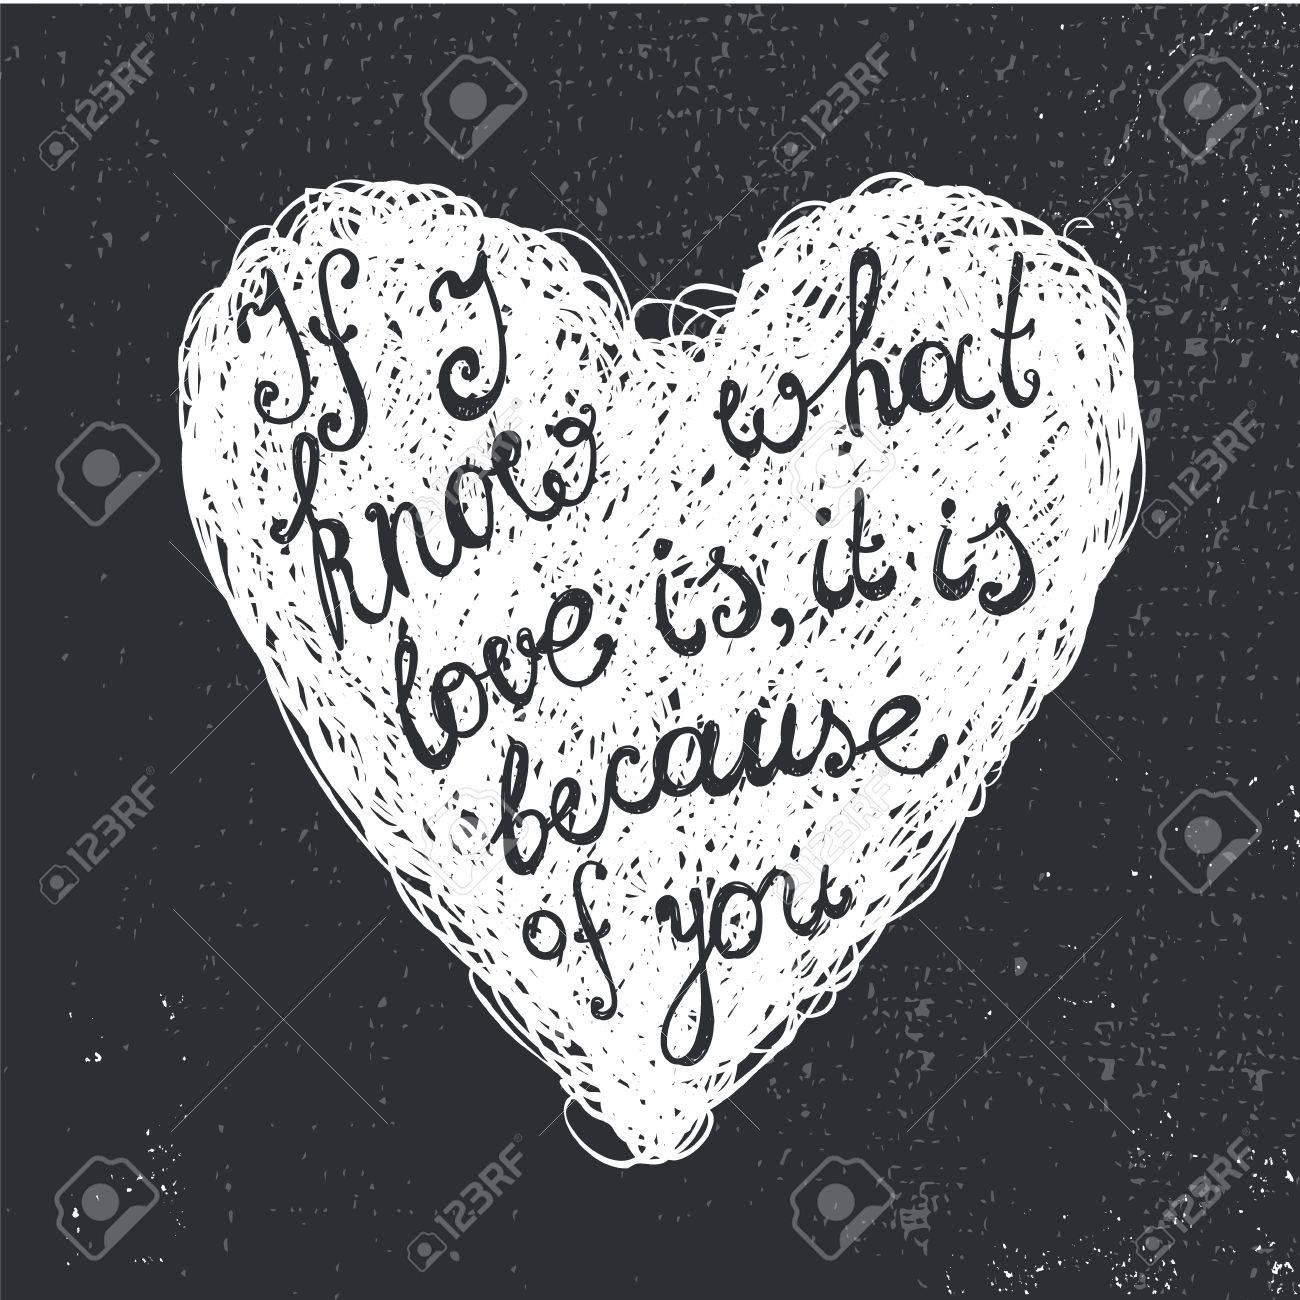 Vector Amour Noir Et Blanc Citation La Phrase Sur Le Coeur De Griffonnage Dessiné à La Main Si Je Sais Ce Quest Lamour Il Est à Cause De Vous